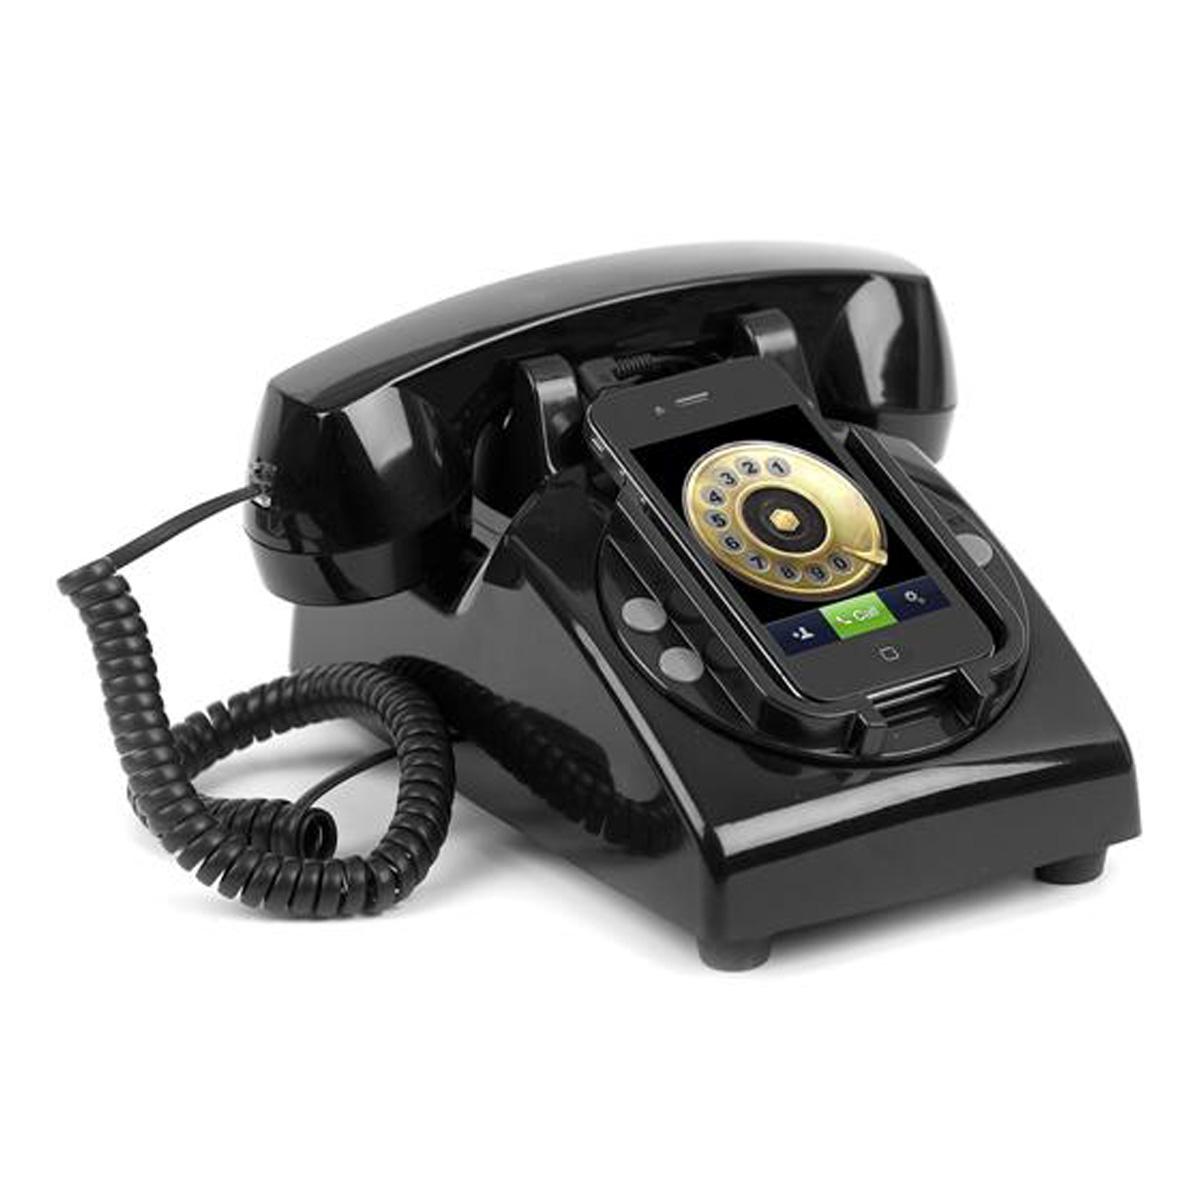 SUPORTE PARA IPHONE RETRÔ